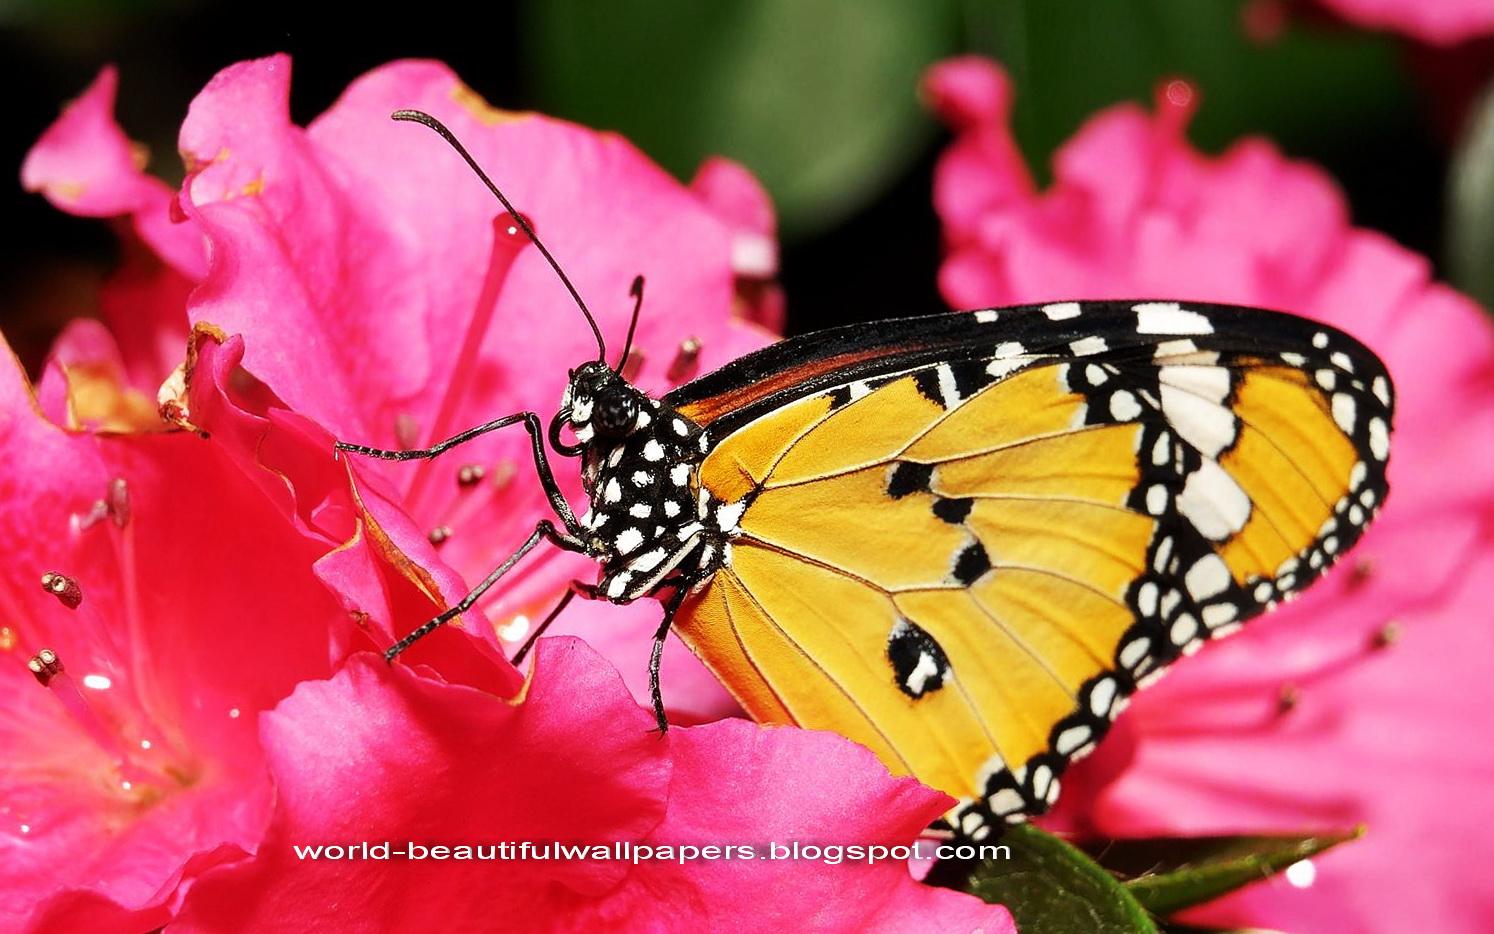 Beautiful Butterflies Wallpaper 1494x934